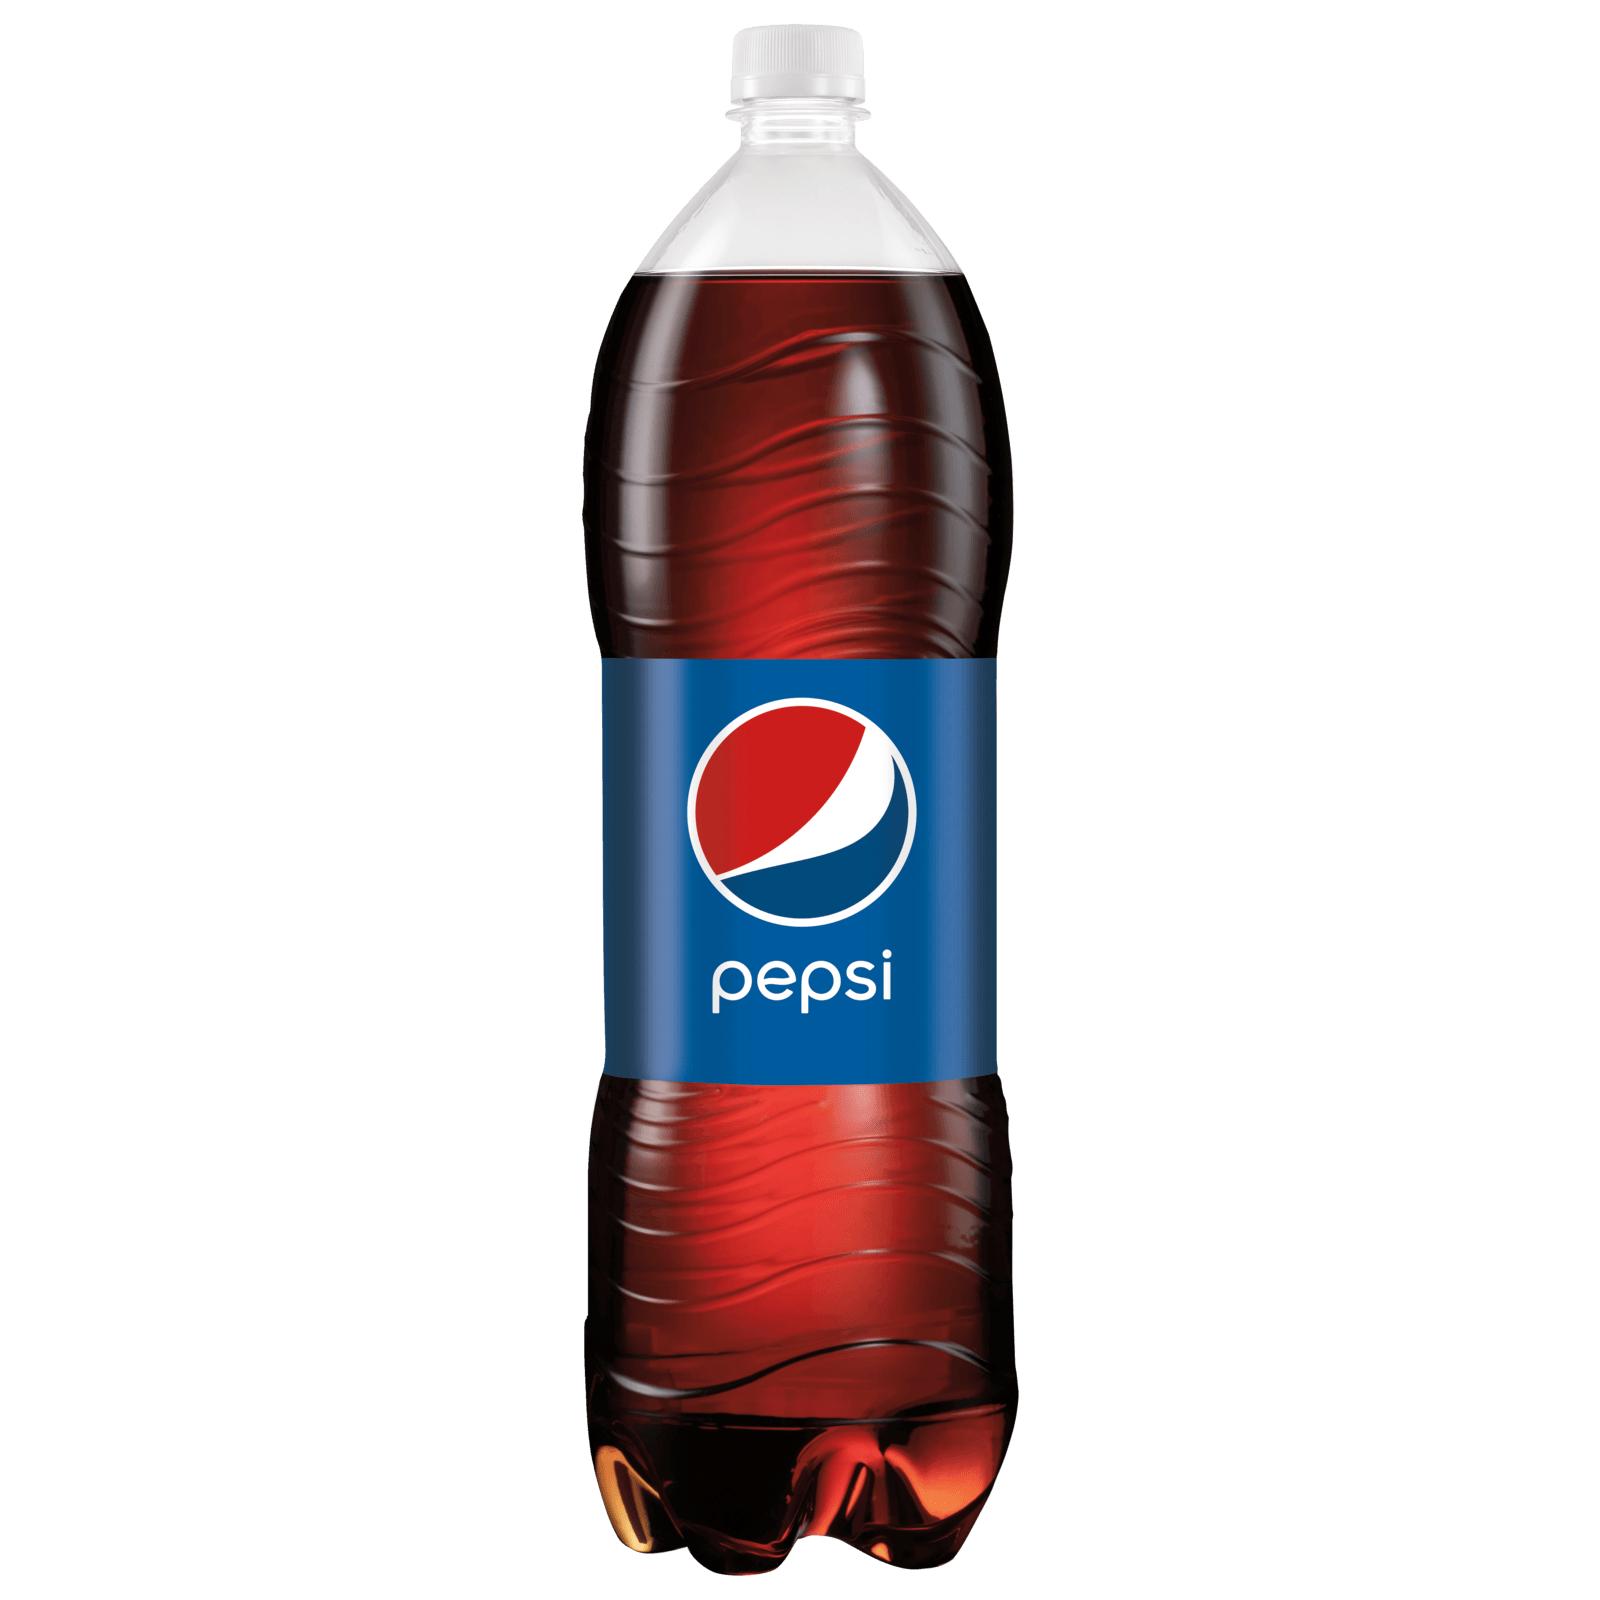 [REWE] 1,5l Pepsi oder Schwip Schwap für 0,49€ (0,44€ durch Einsatz eines 10% Rabattaufklebers)